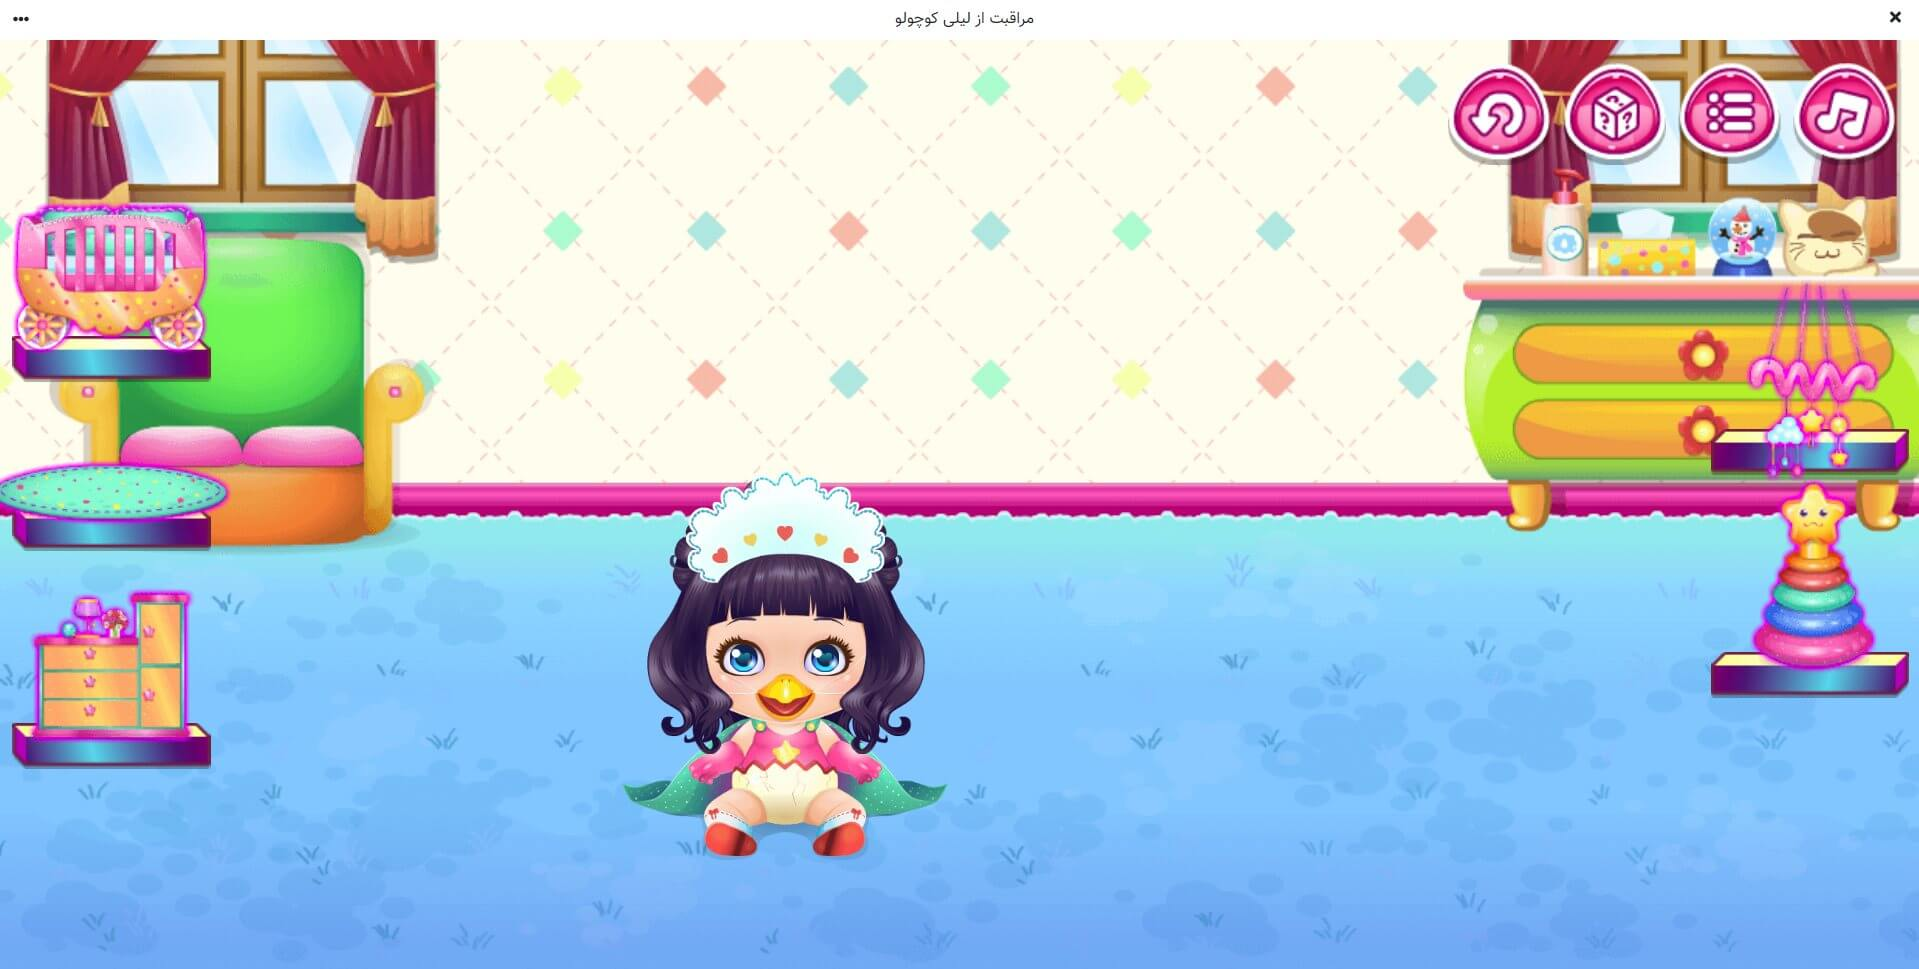 راهنمای بازی آنلاین مراقبت از لیلی کوچولو